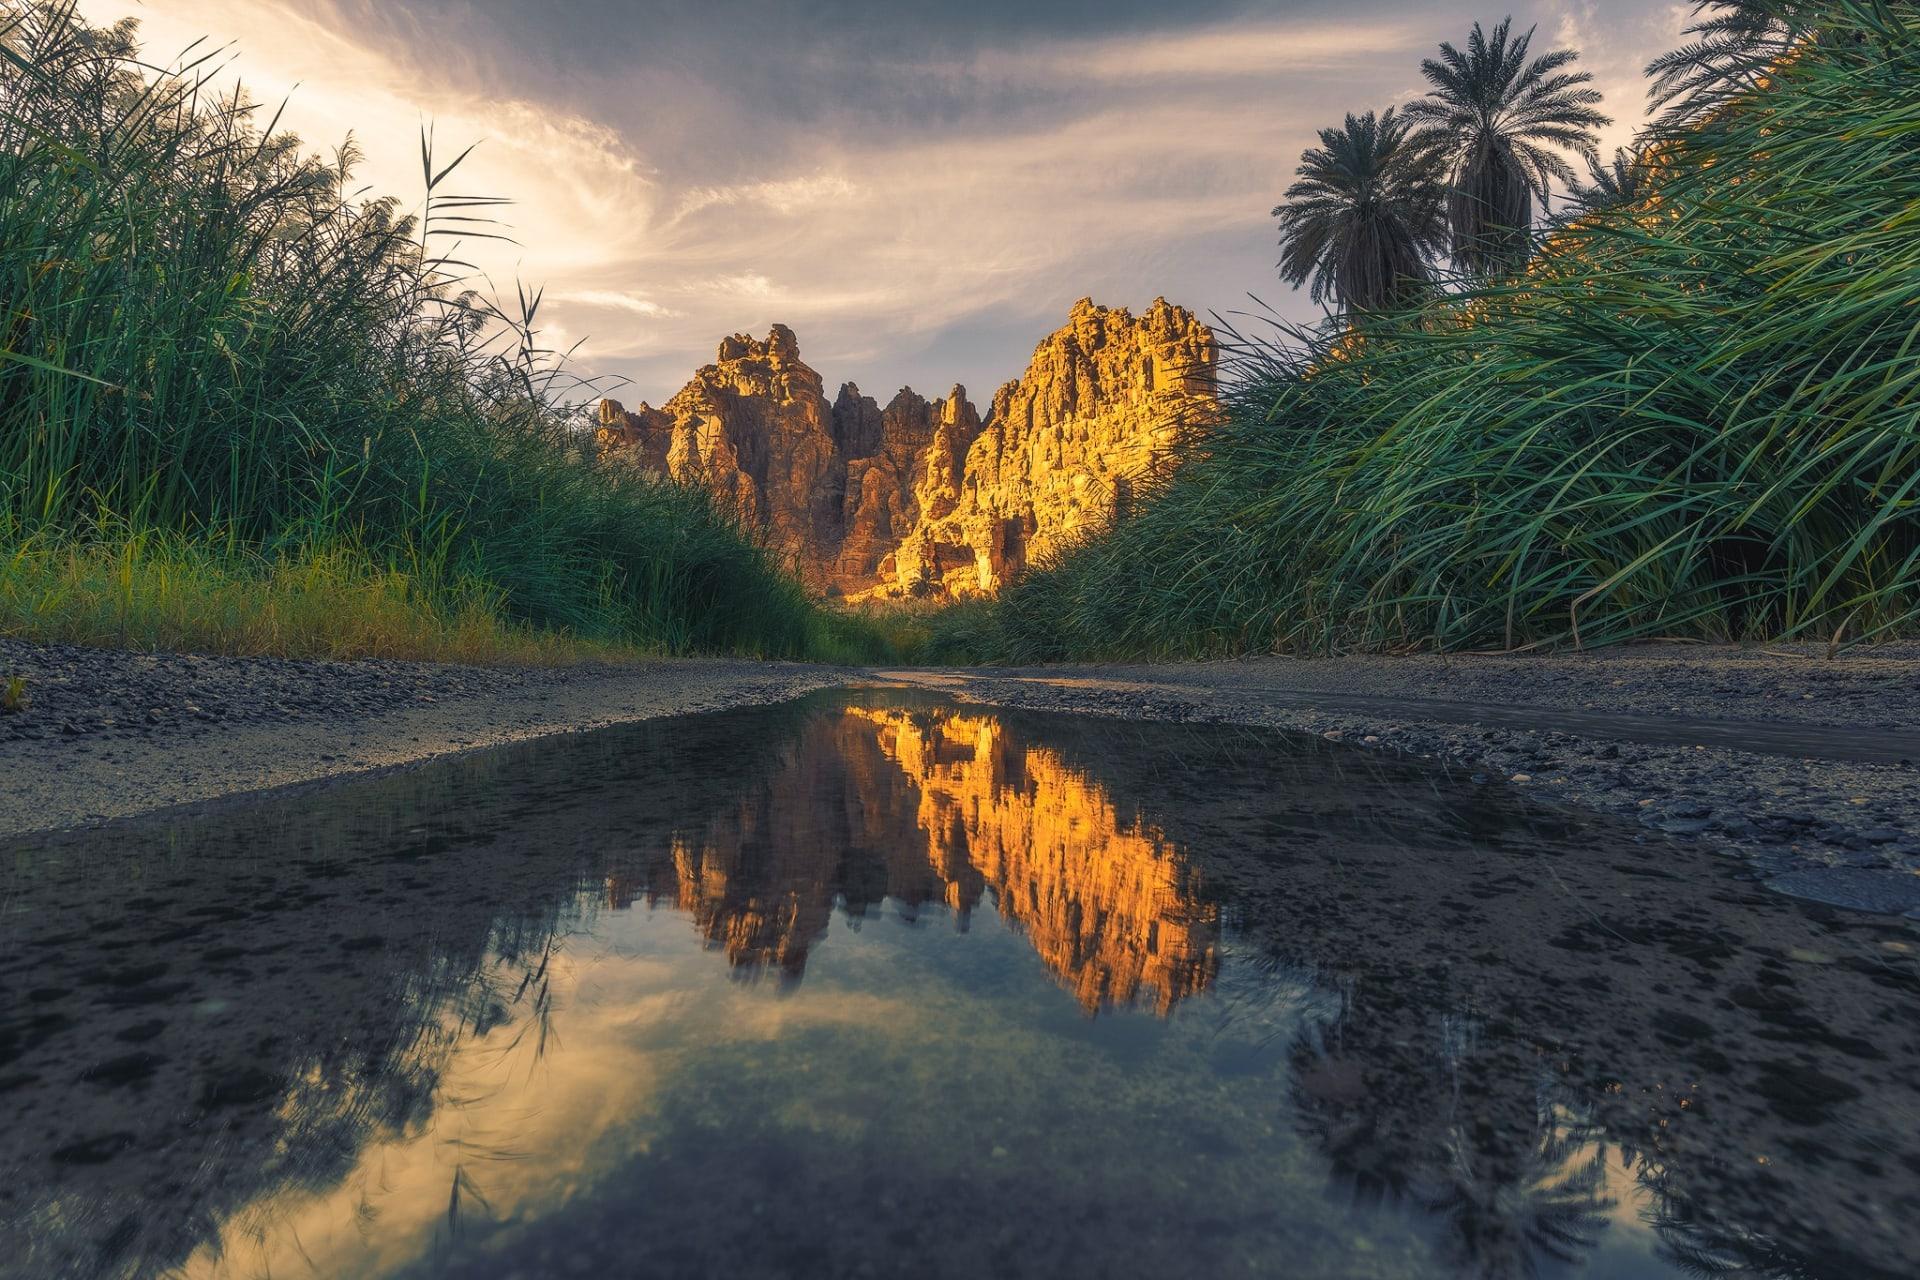 وادي الديسة في السعودية